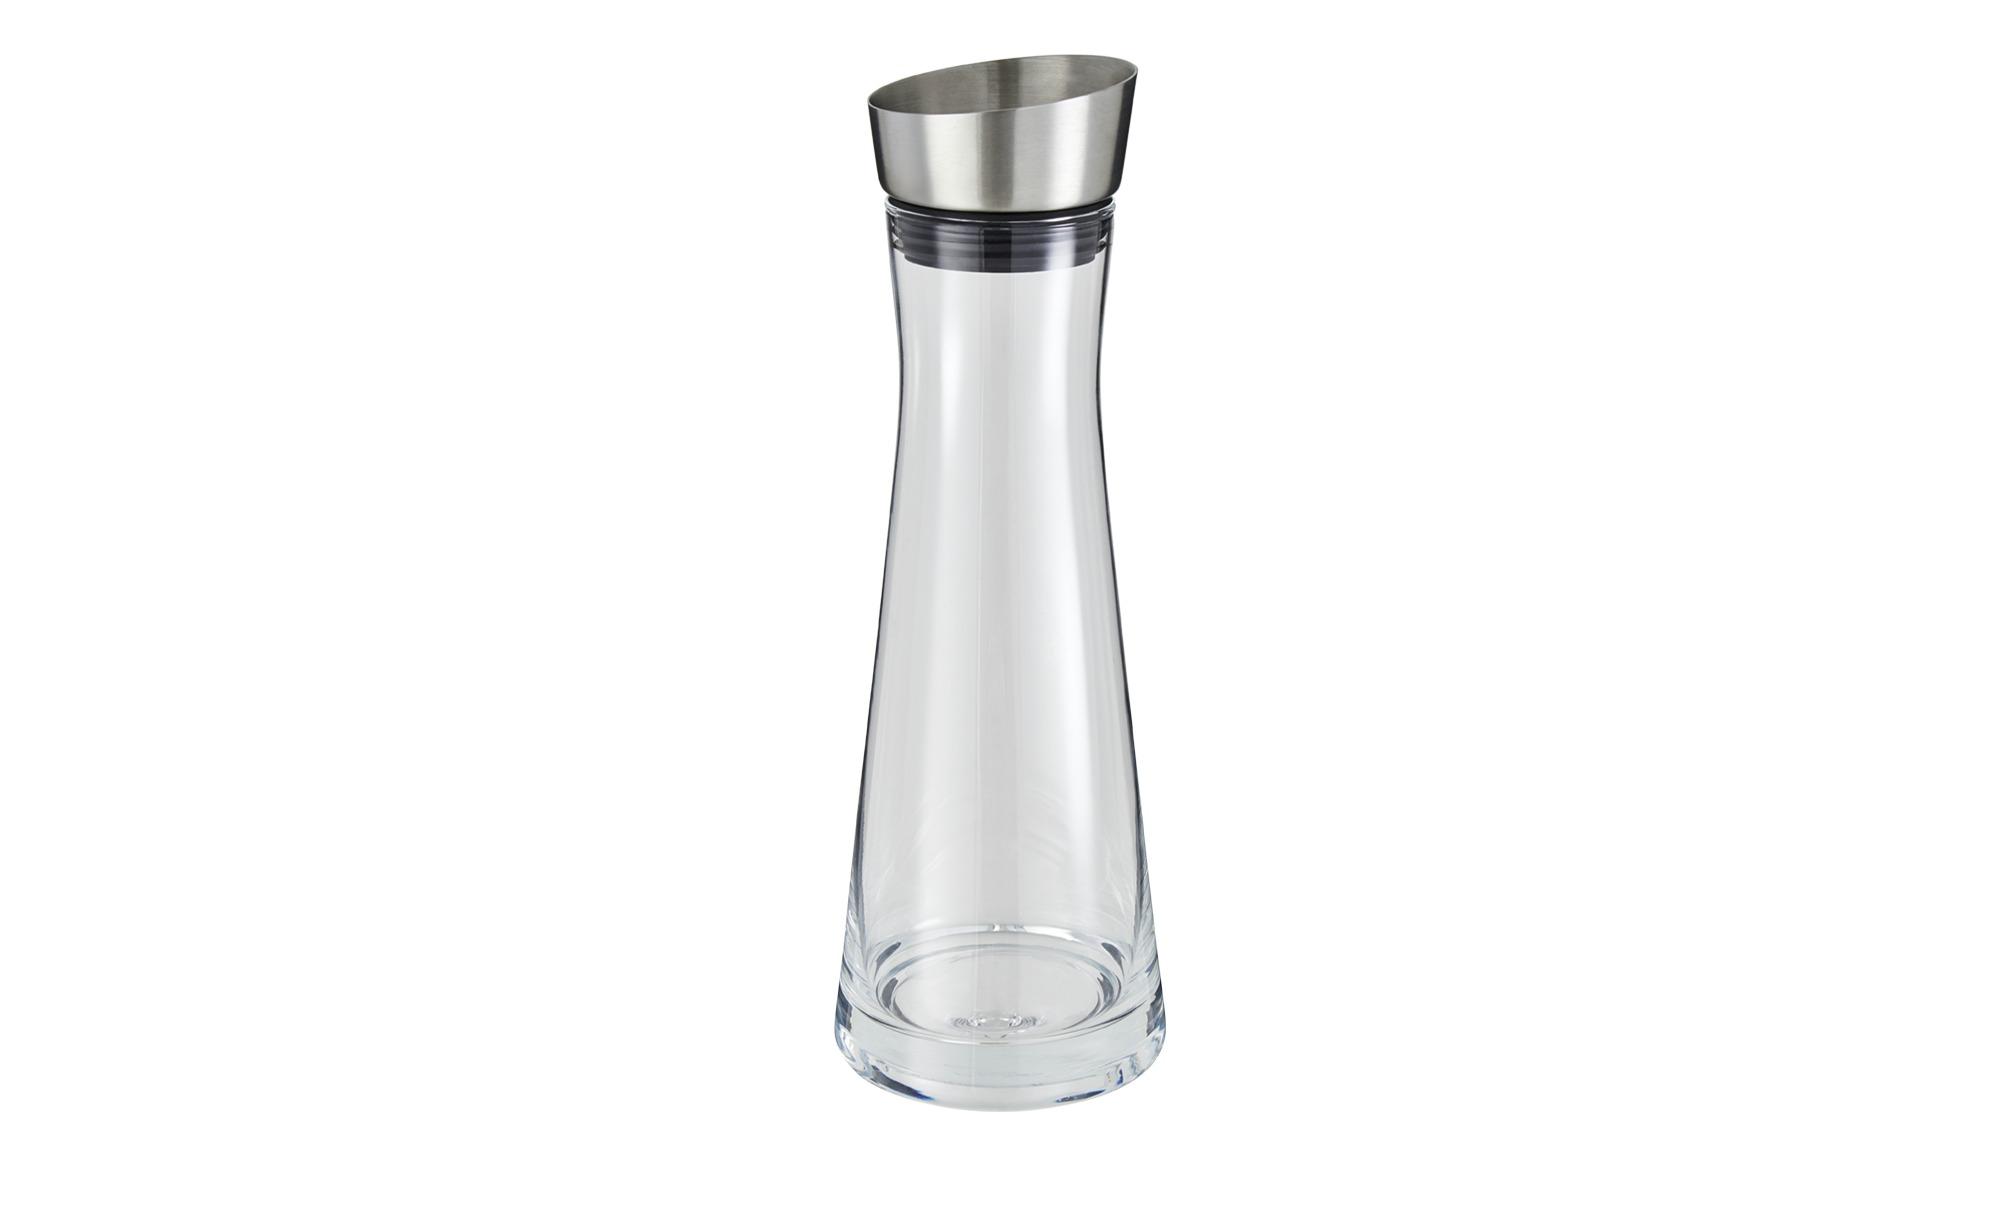 Silikon, blomus SPLASH Wasserkaraffe Magnet Glas klar Edelstahl poliert